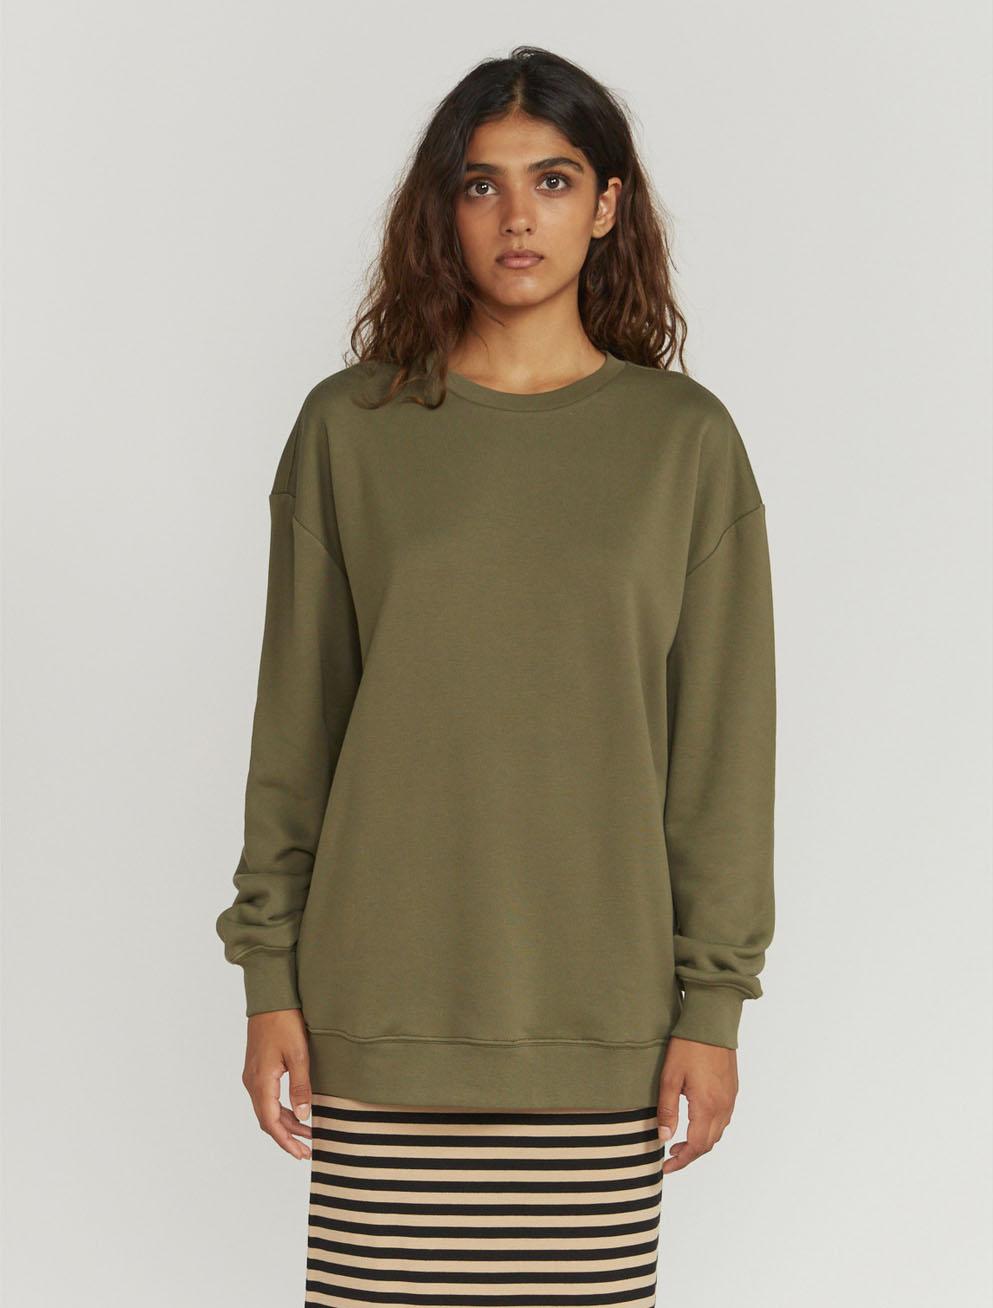 Linda oversized sweatshirt